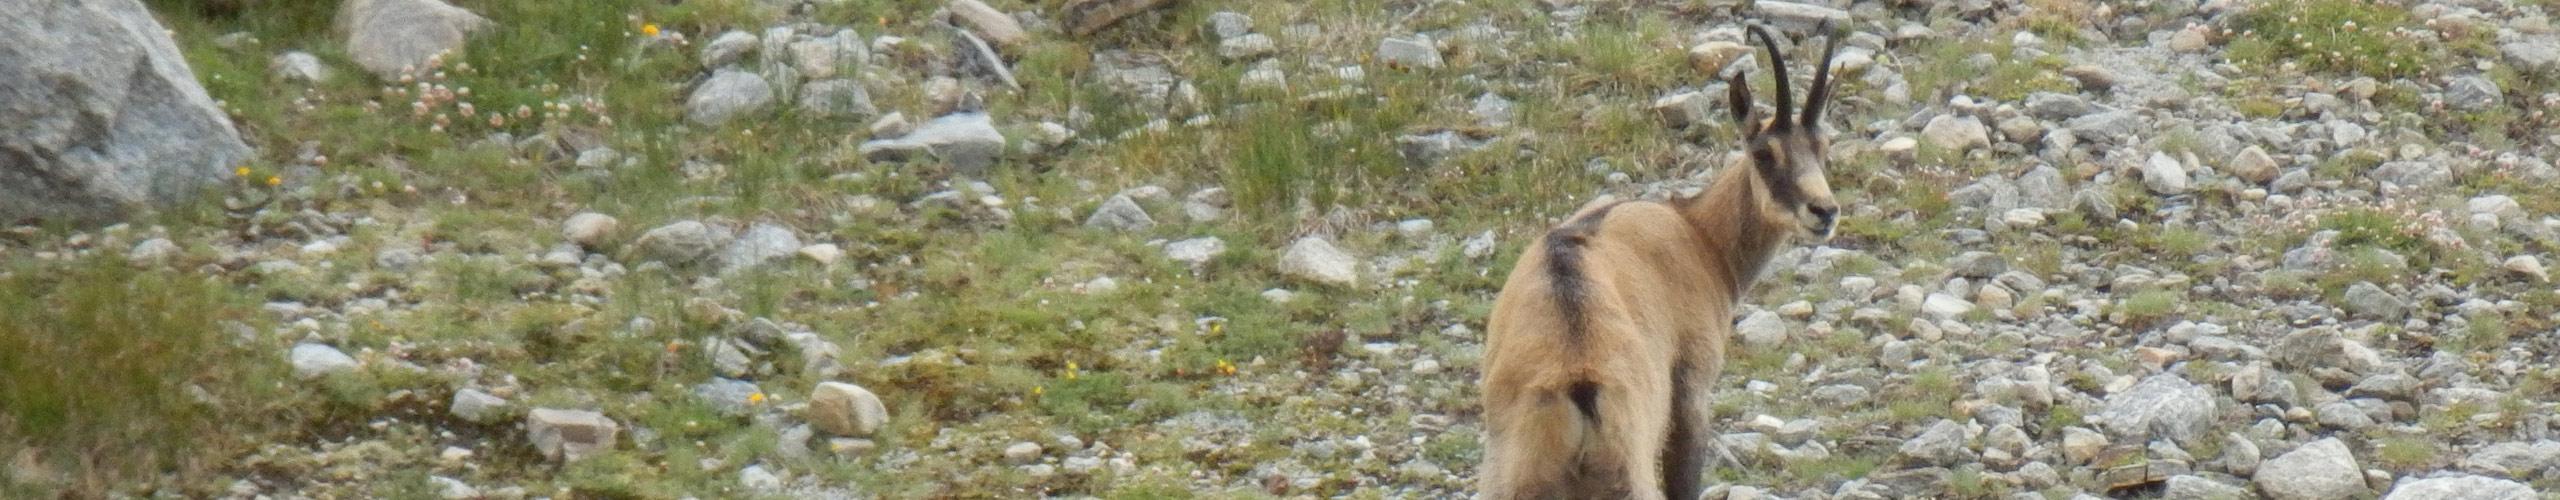 chamois dans le parc national italien